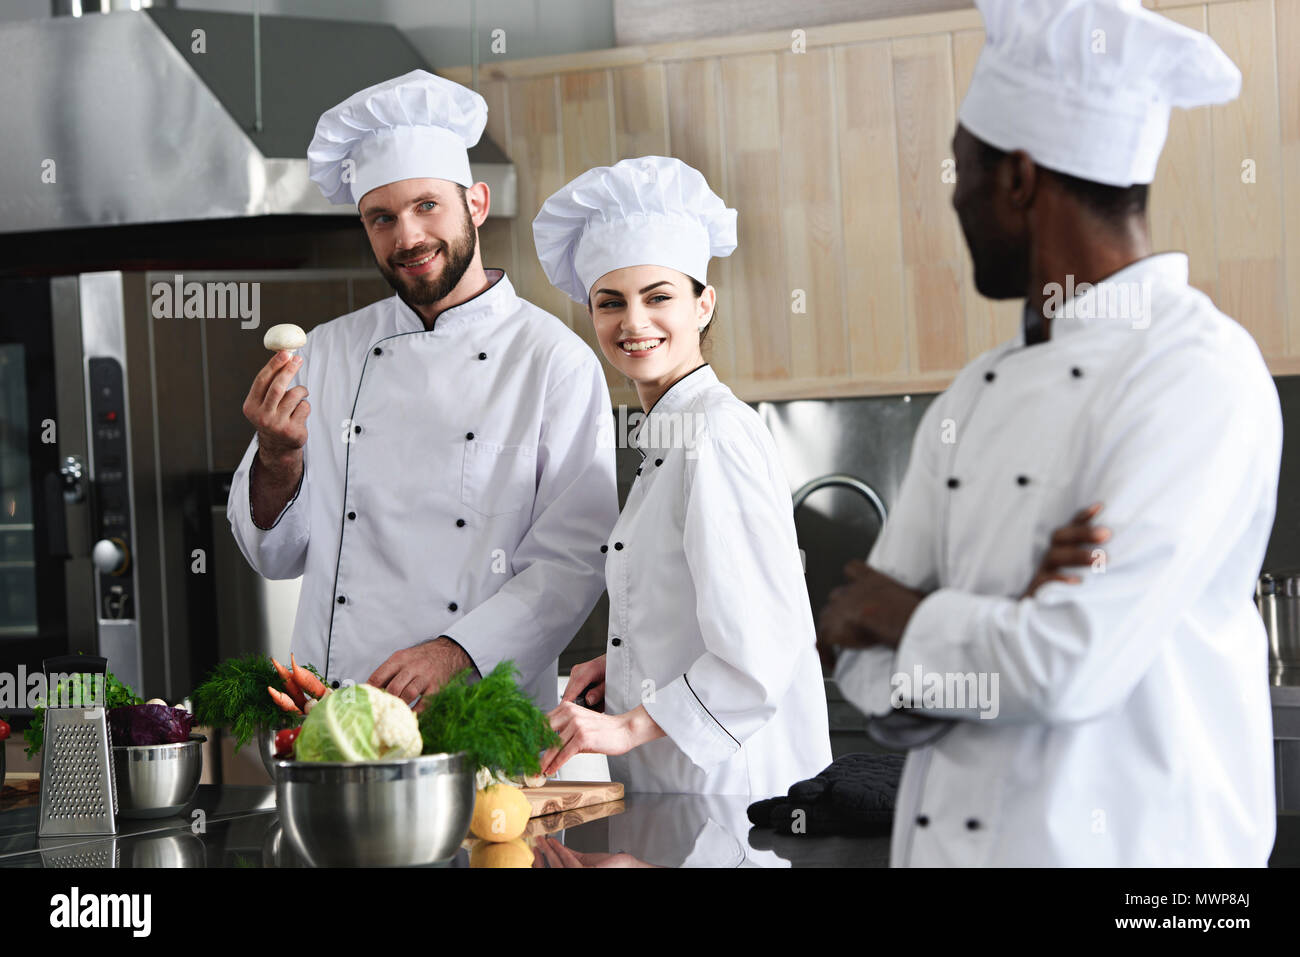 Equipo de cocina multirracial Elegir ingredientes para cocinar en la cocina moderna Imagen De Stock